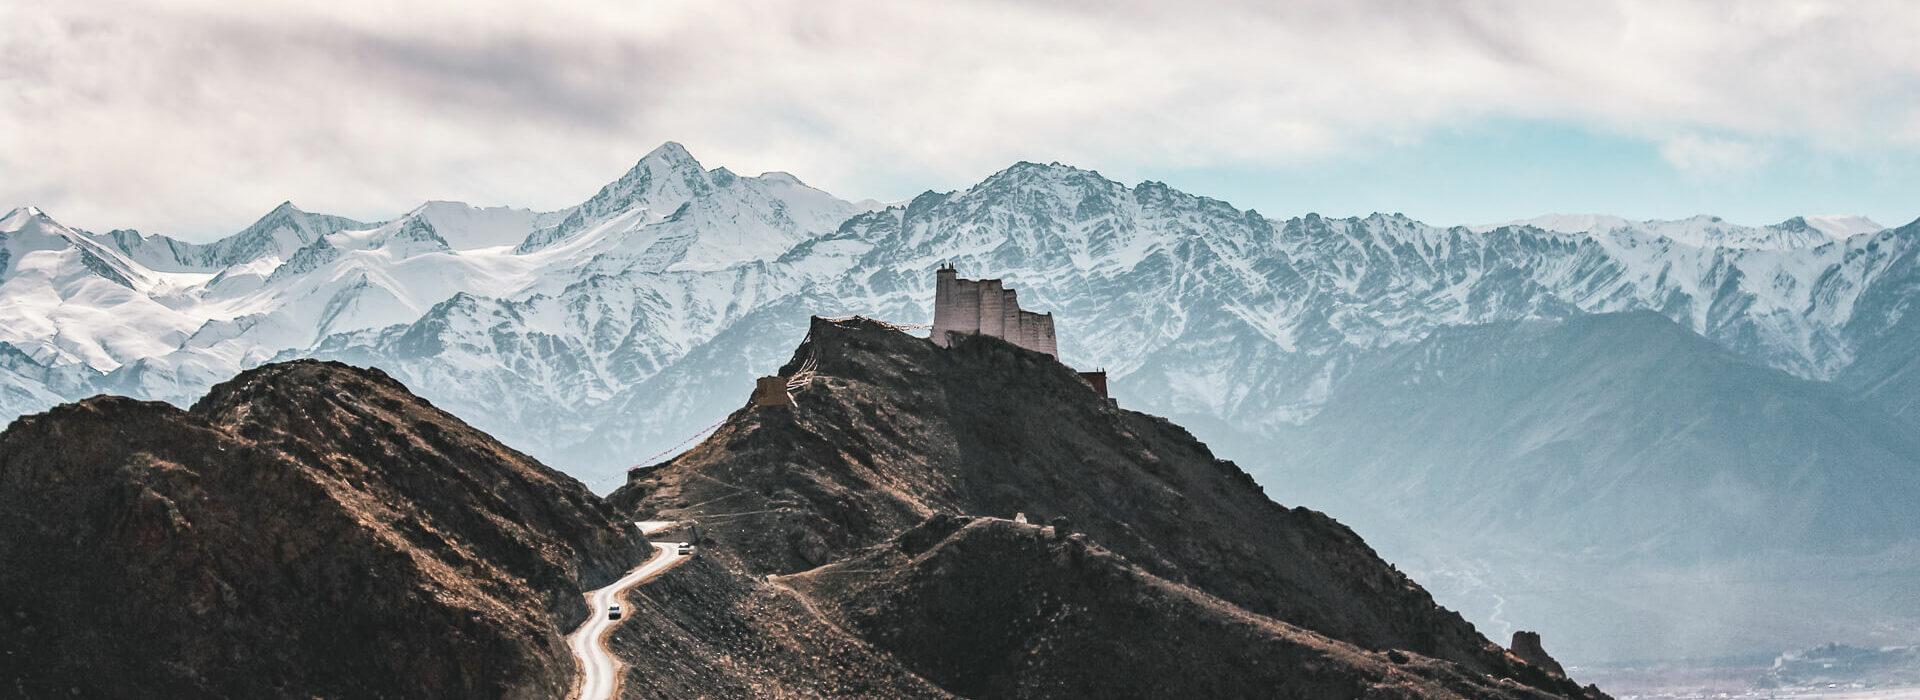 Ladakh Tri Adventure Earth's Edge 6